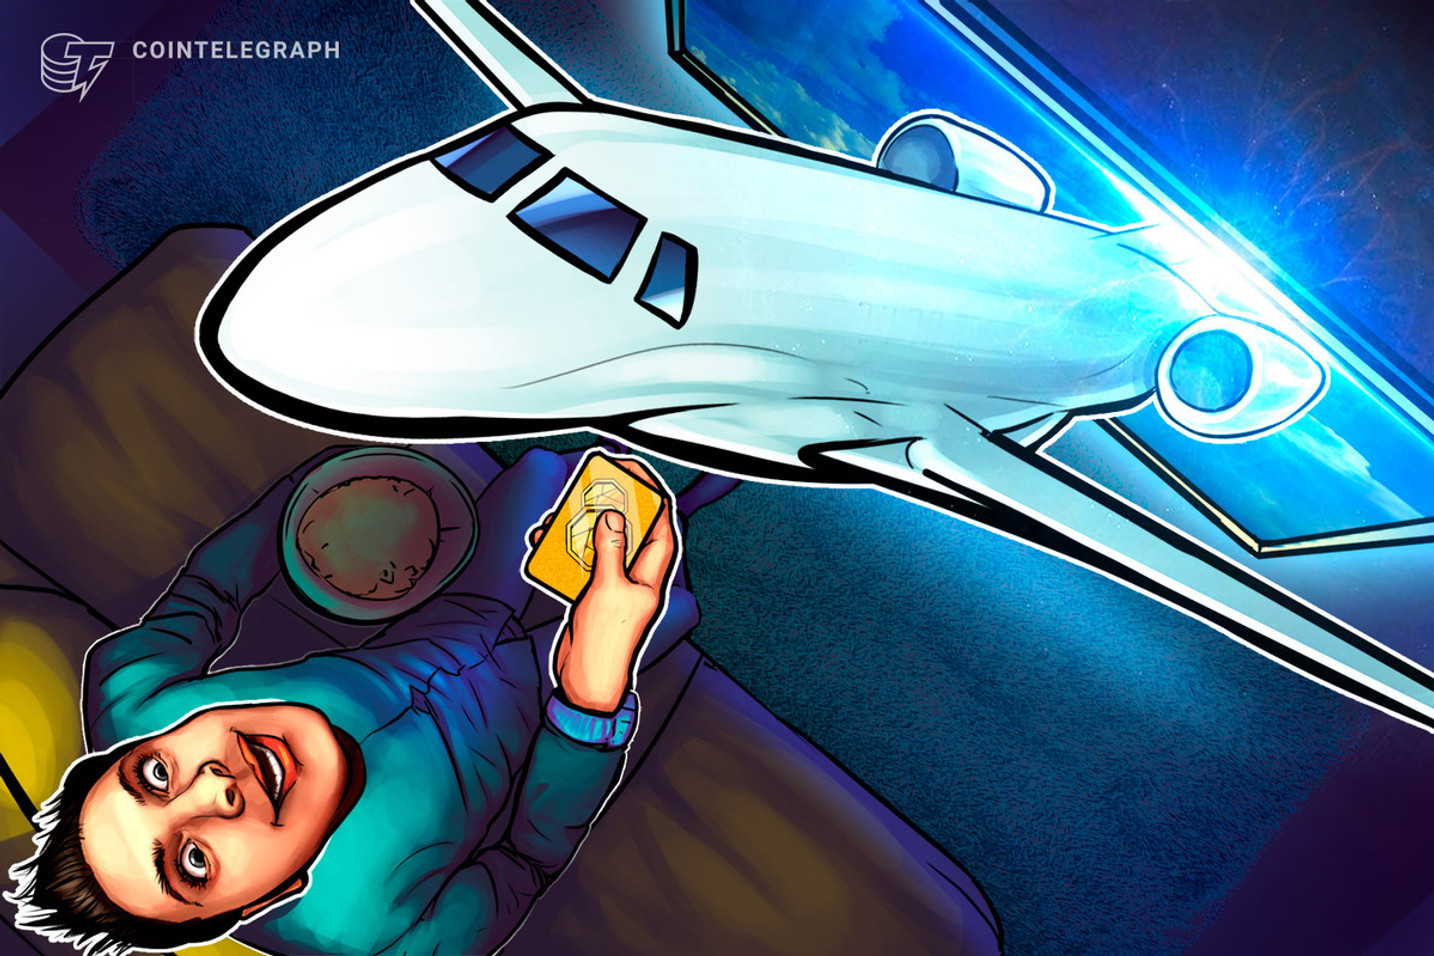 Binance: Krypto-Reisebonuskarte in Zusammenarbeit mit TravelByBit geplant